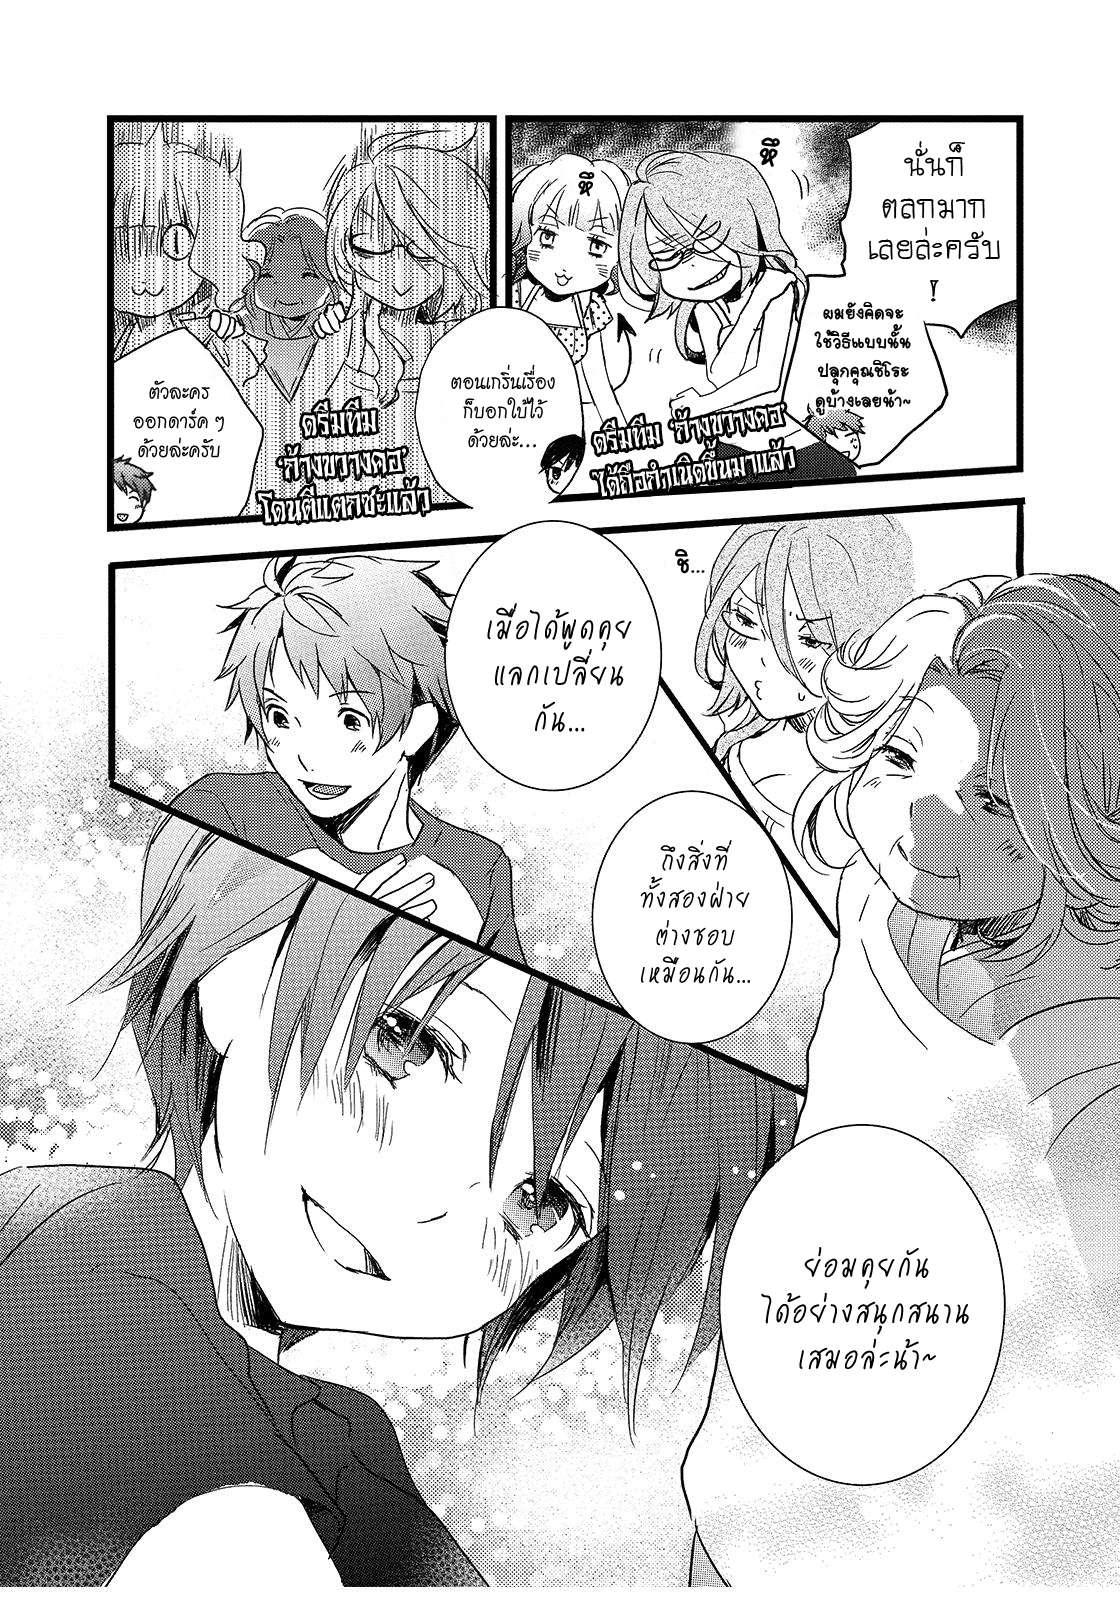 อ่านการ์ตูน Bokura wa Minna Kawaisou ตอนที่ 14 หน้าที่ 14